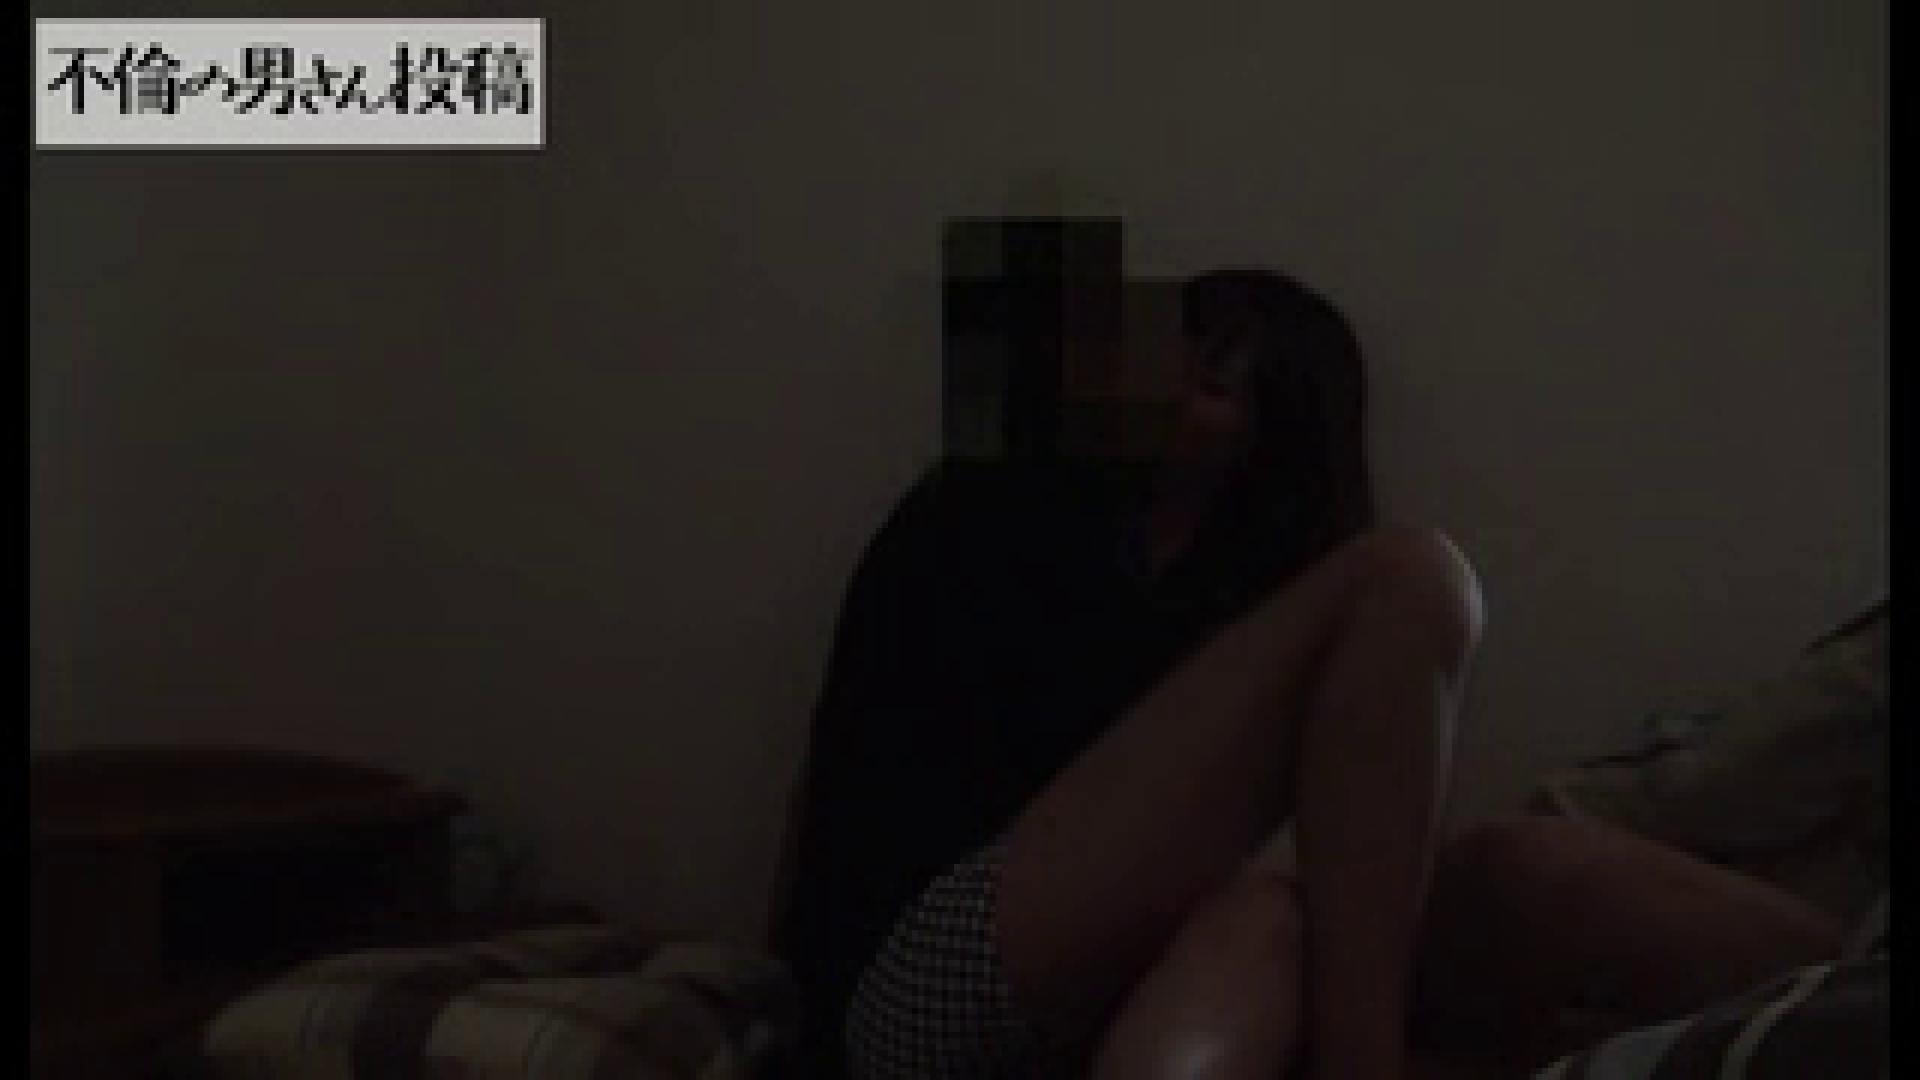 会計事務所勤務 高橋みゆき30歳 W不倫の不倫部屋の記録4 SEX映像  101pic 9